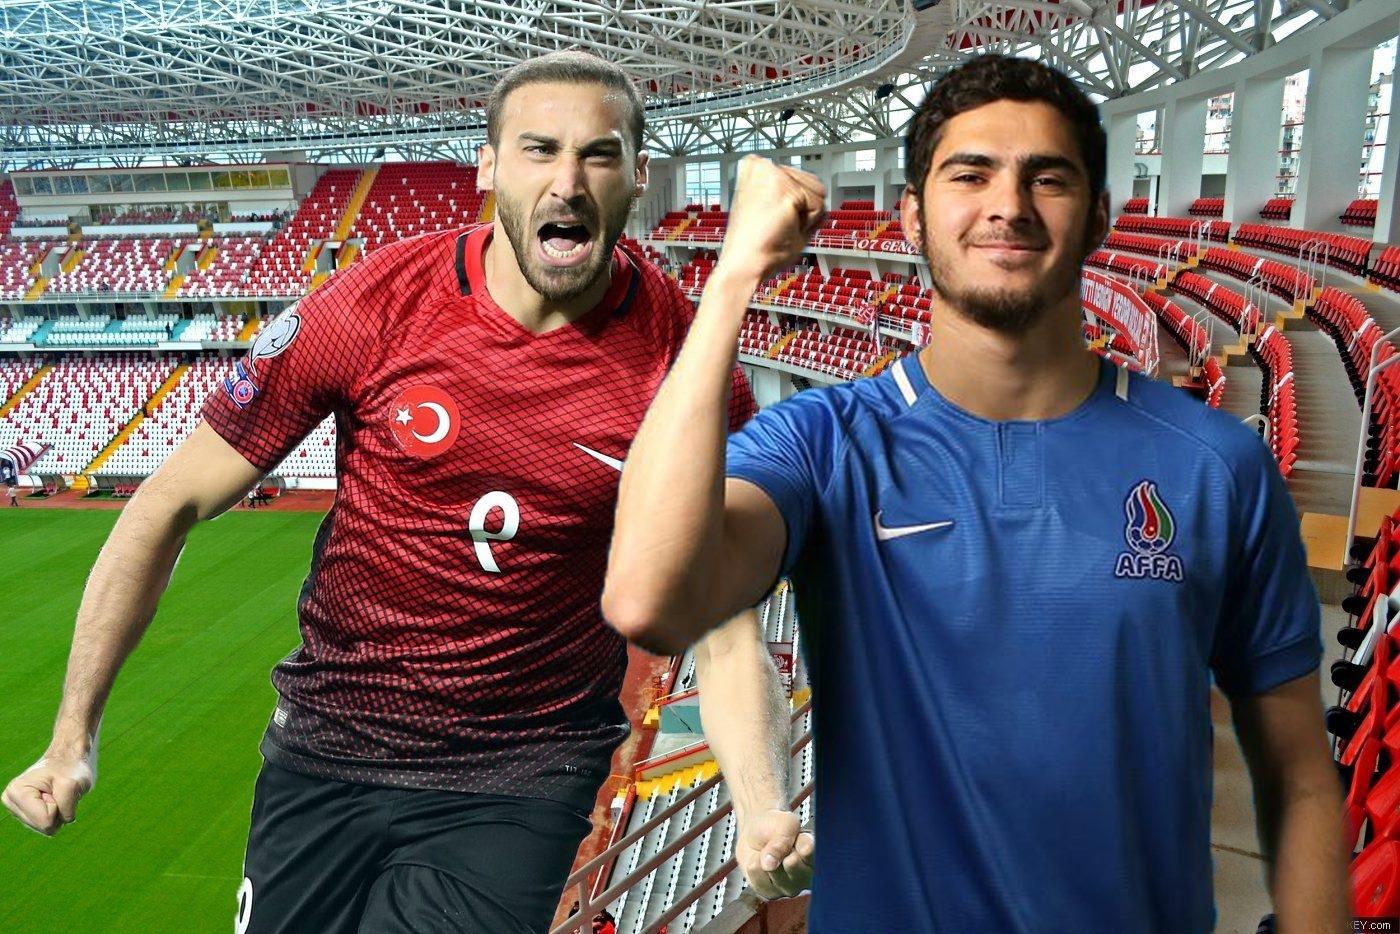 Azərbaycan və Türkiyənin milliləri arasında yoldaşlıq oyunu keçiriləcək